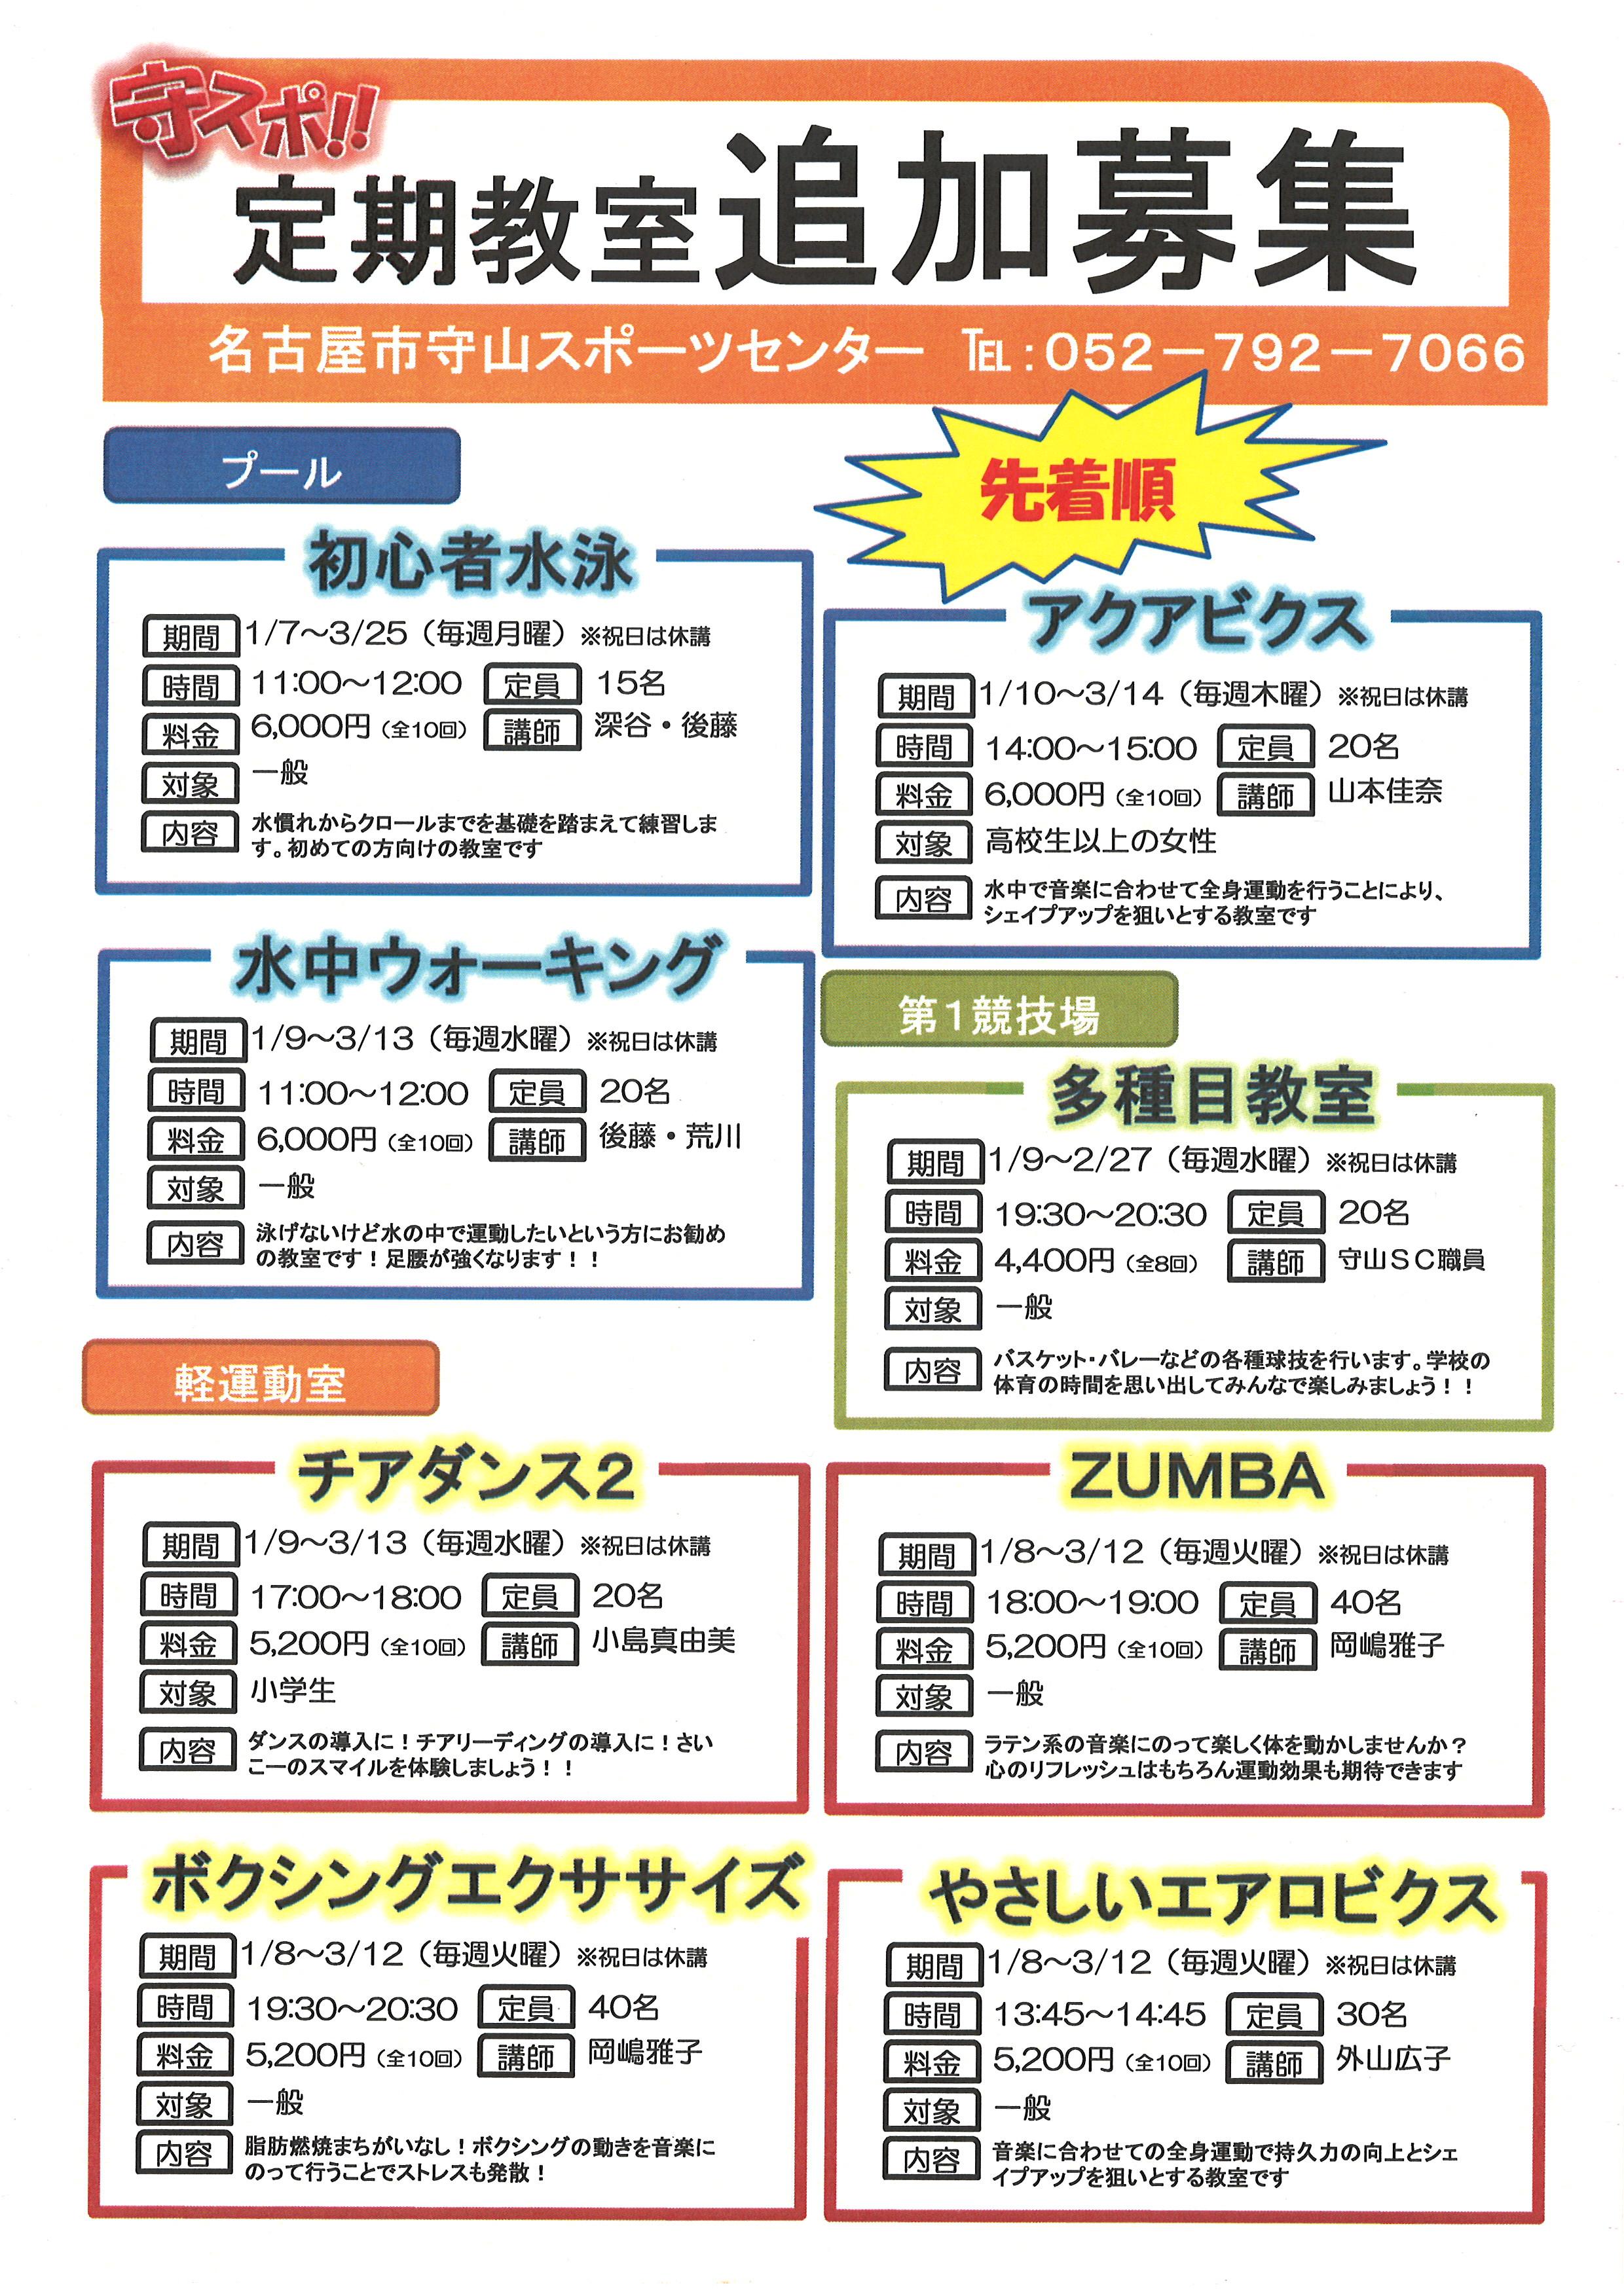 20121213171559_00001.jpg